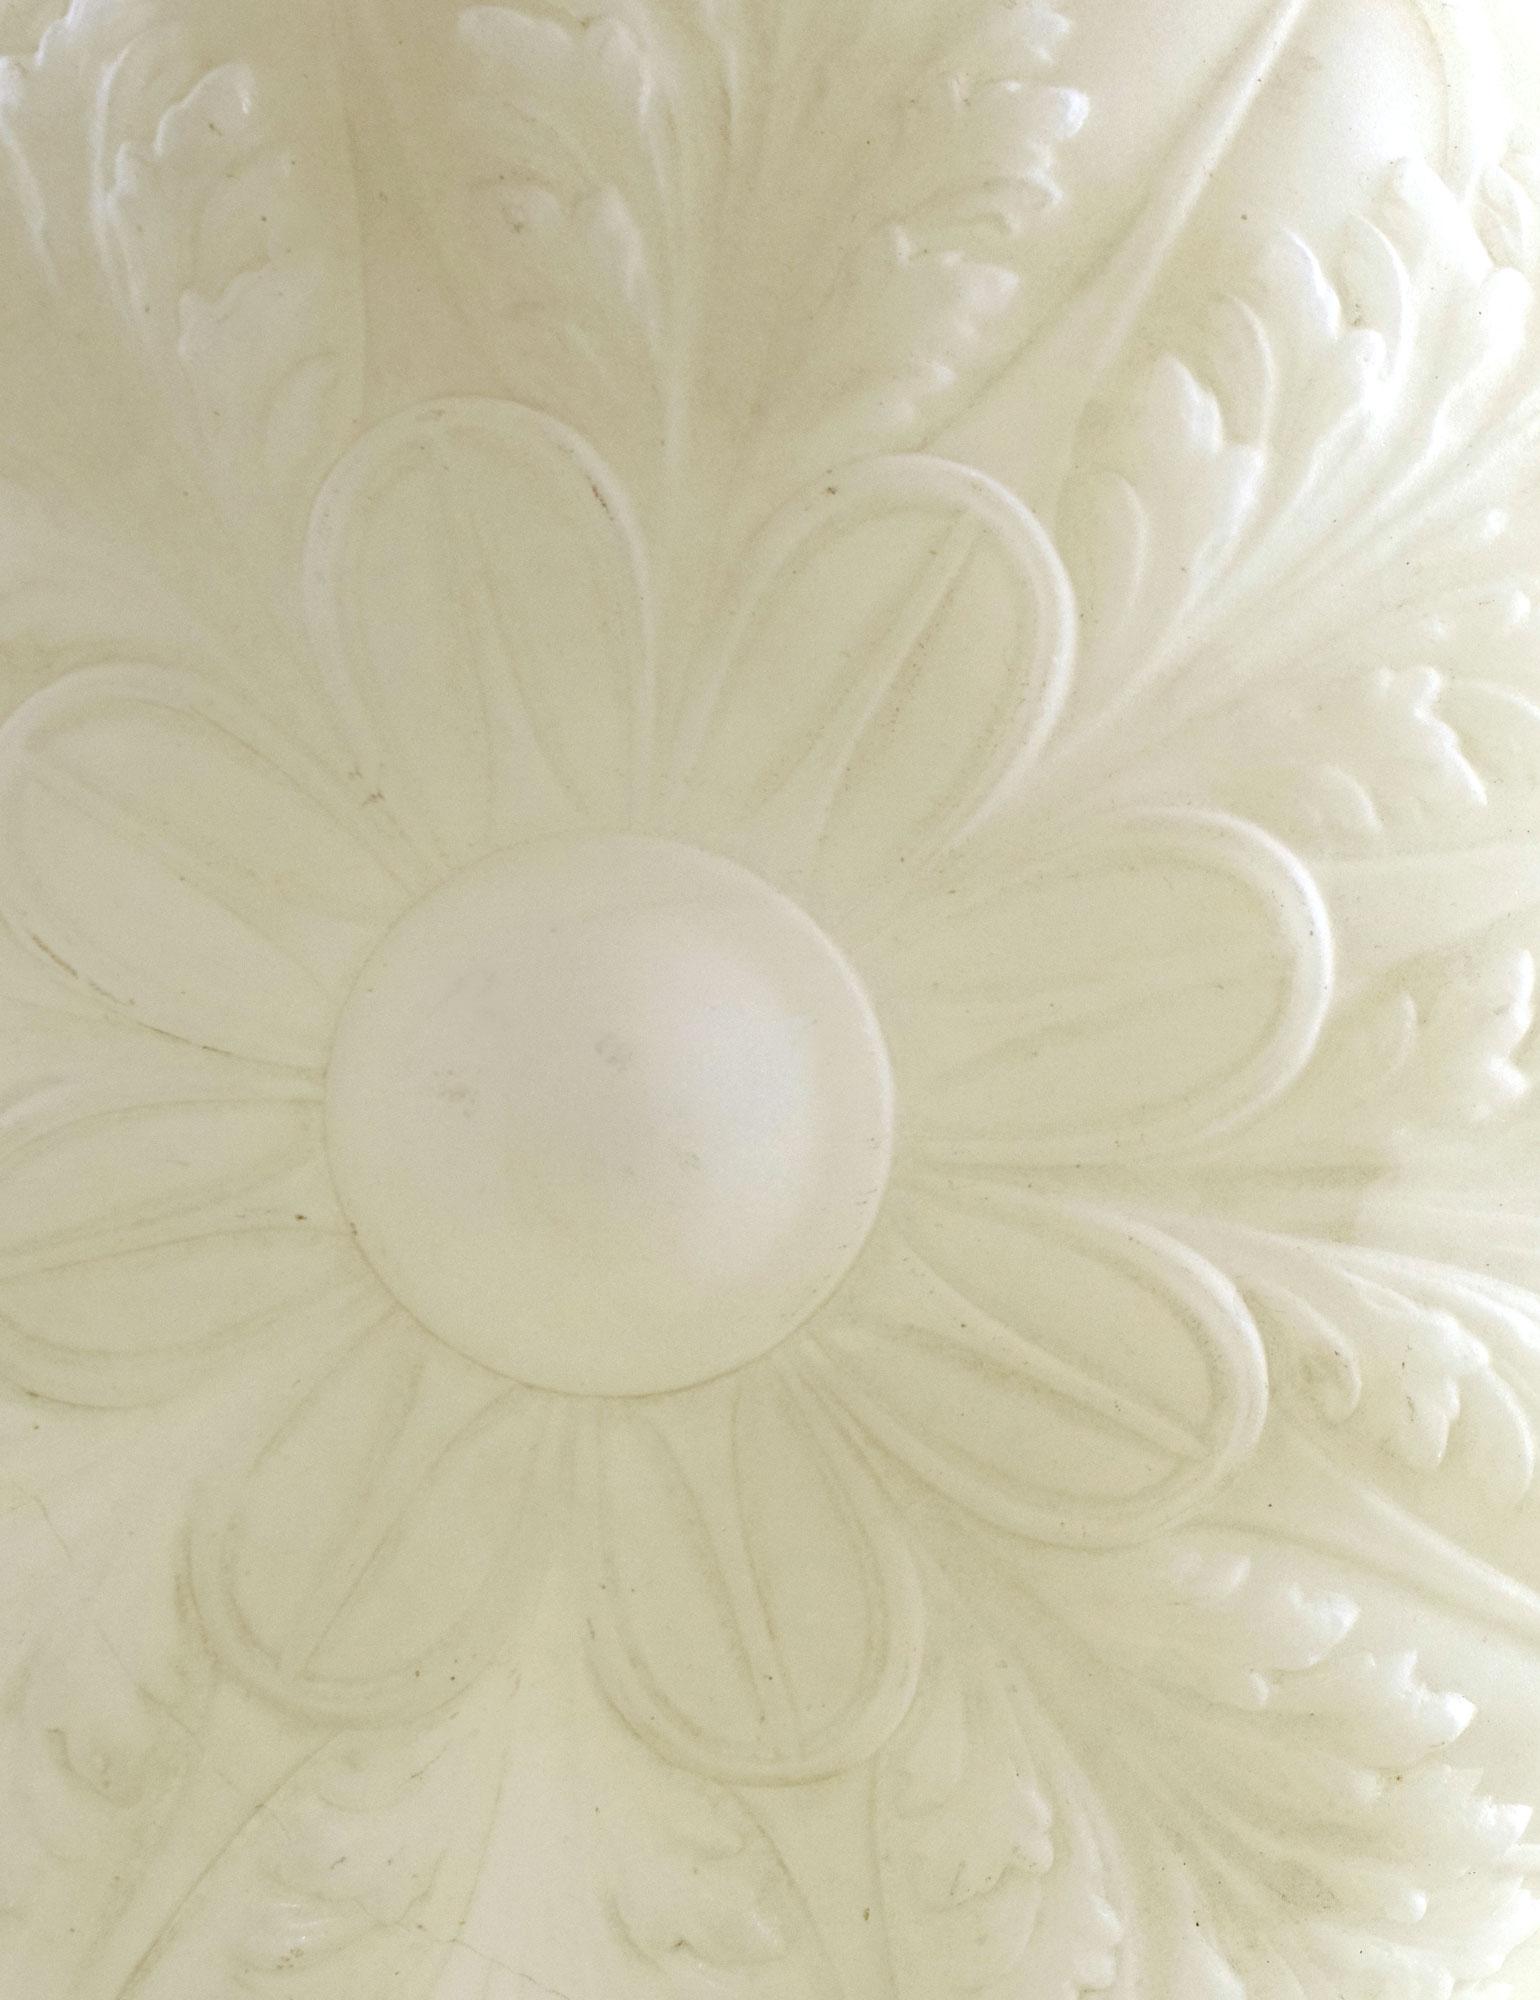 46949-molded-glass-dragon-bowl-bottom-detail.jpg